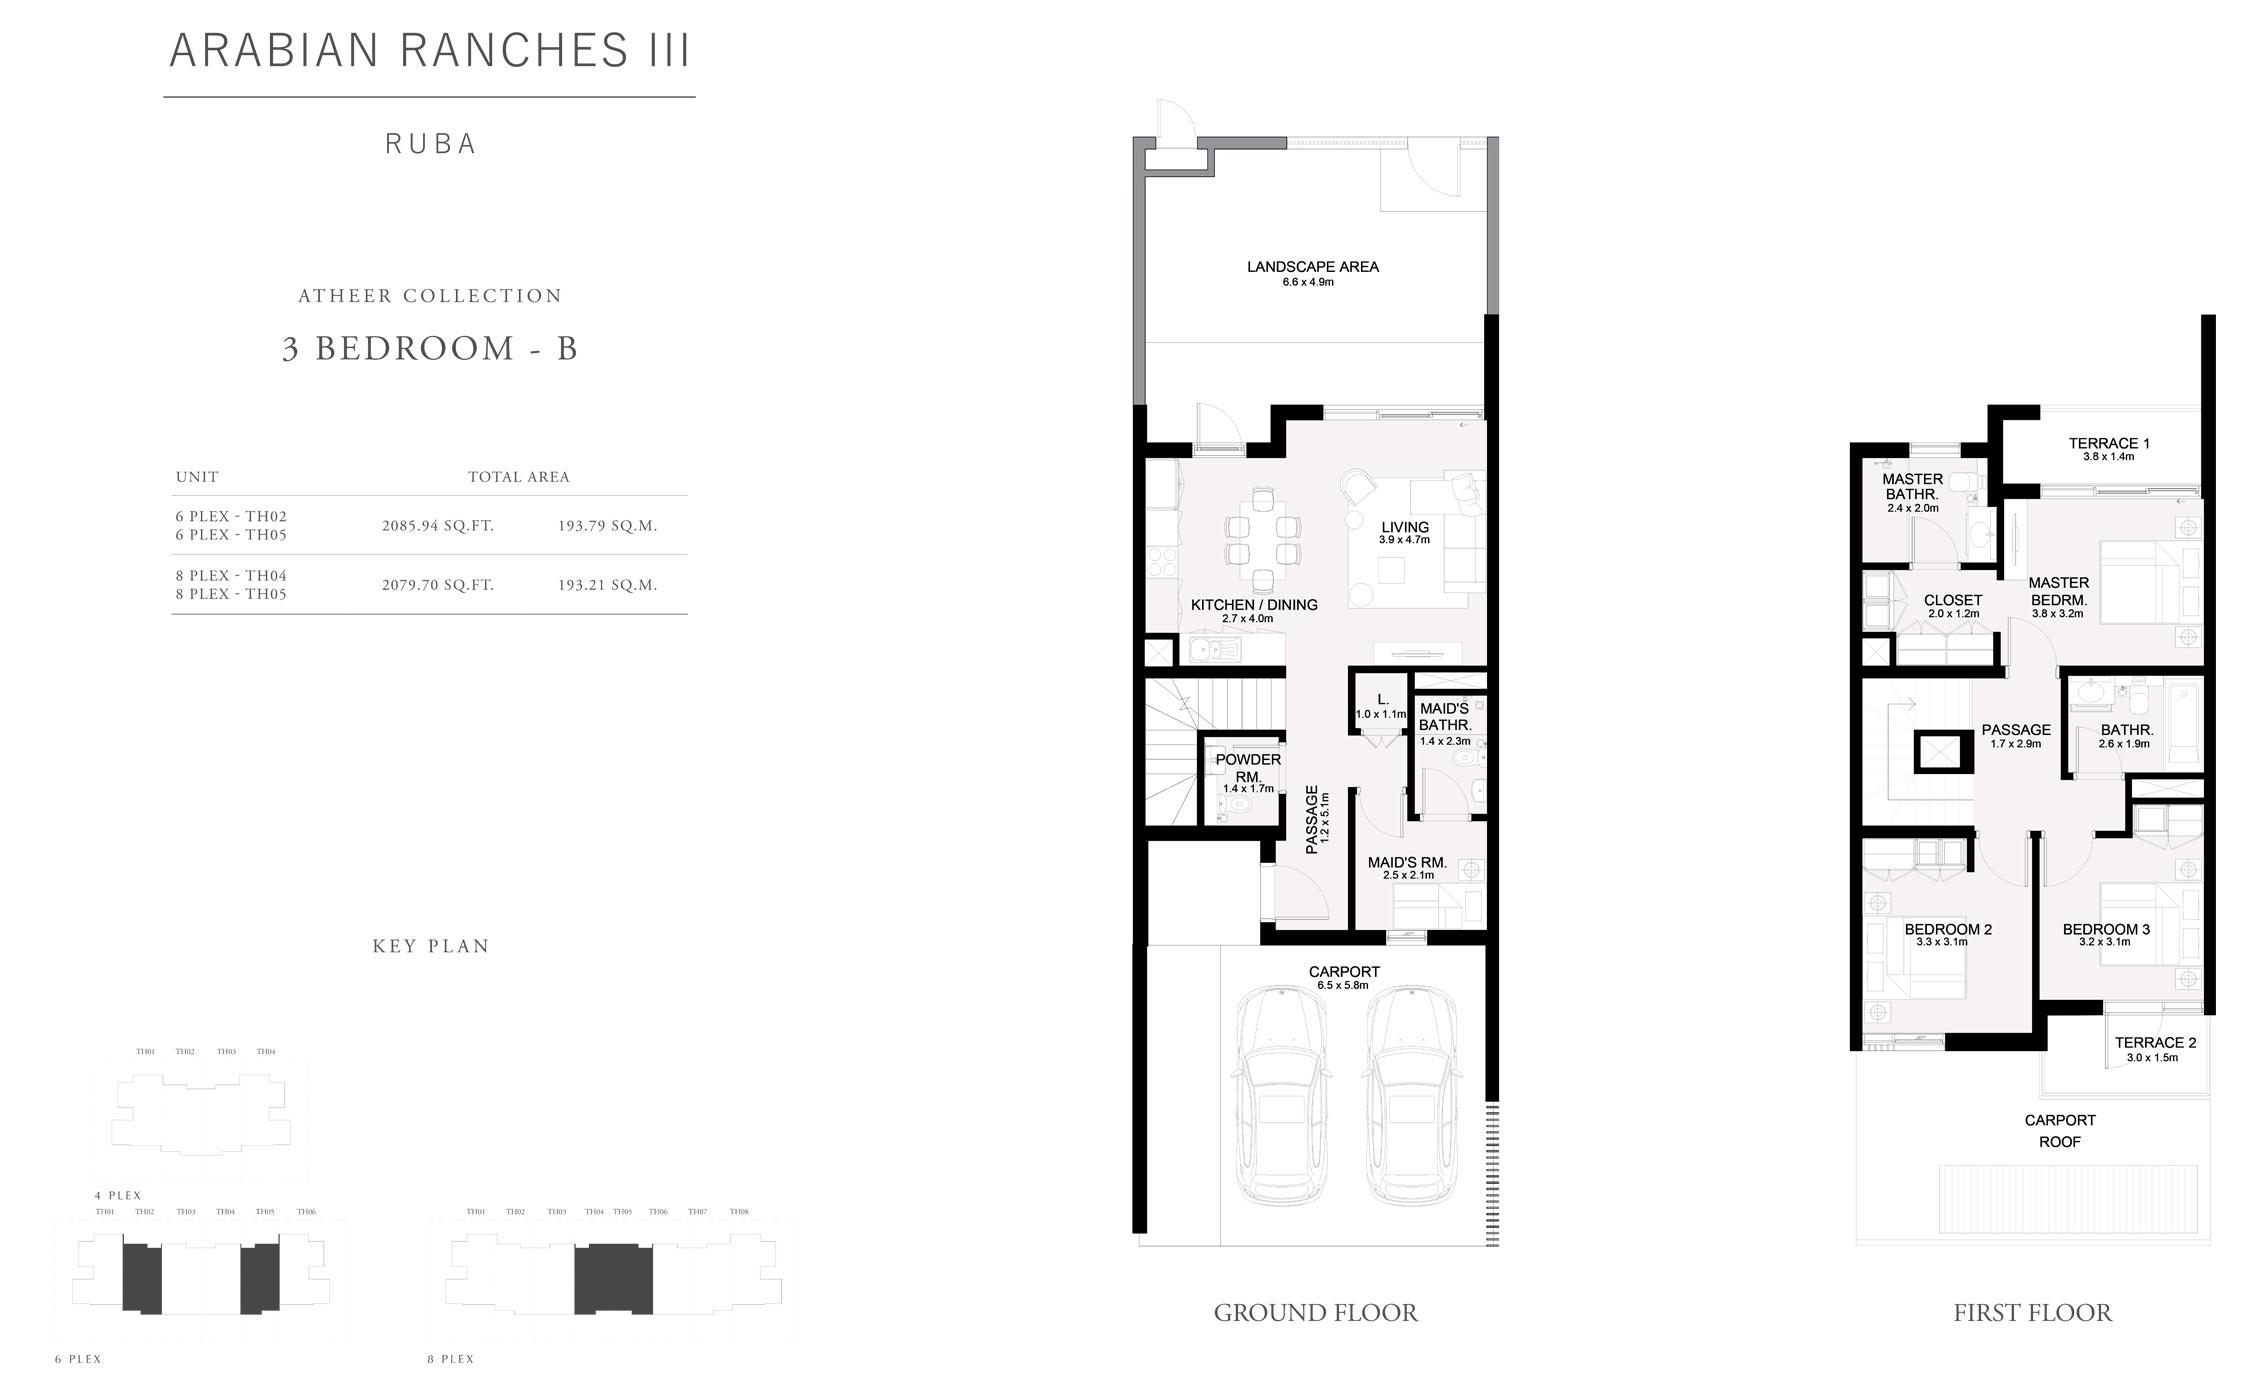 مجموعة أثير تاون هاوس من 3 غرف نوم، B ، حجم 2079 قدم مربع